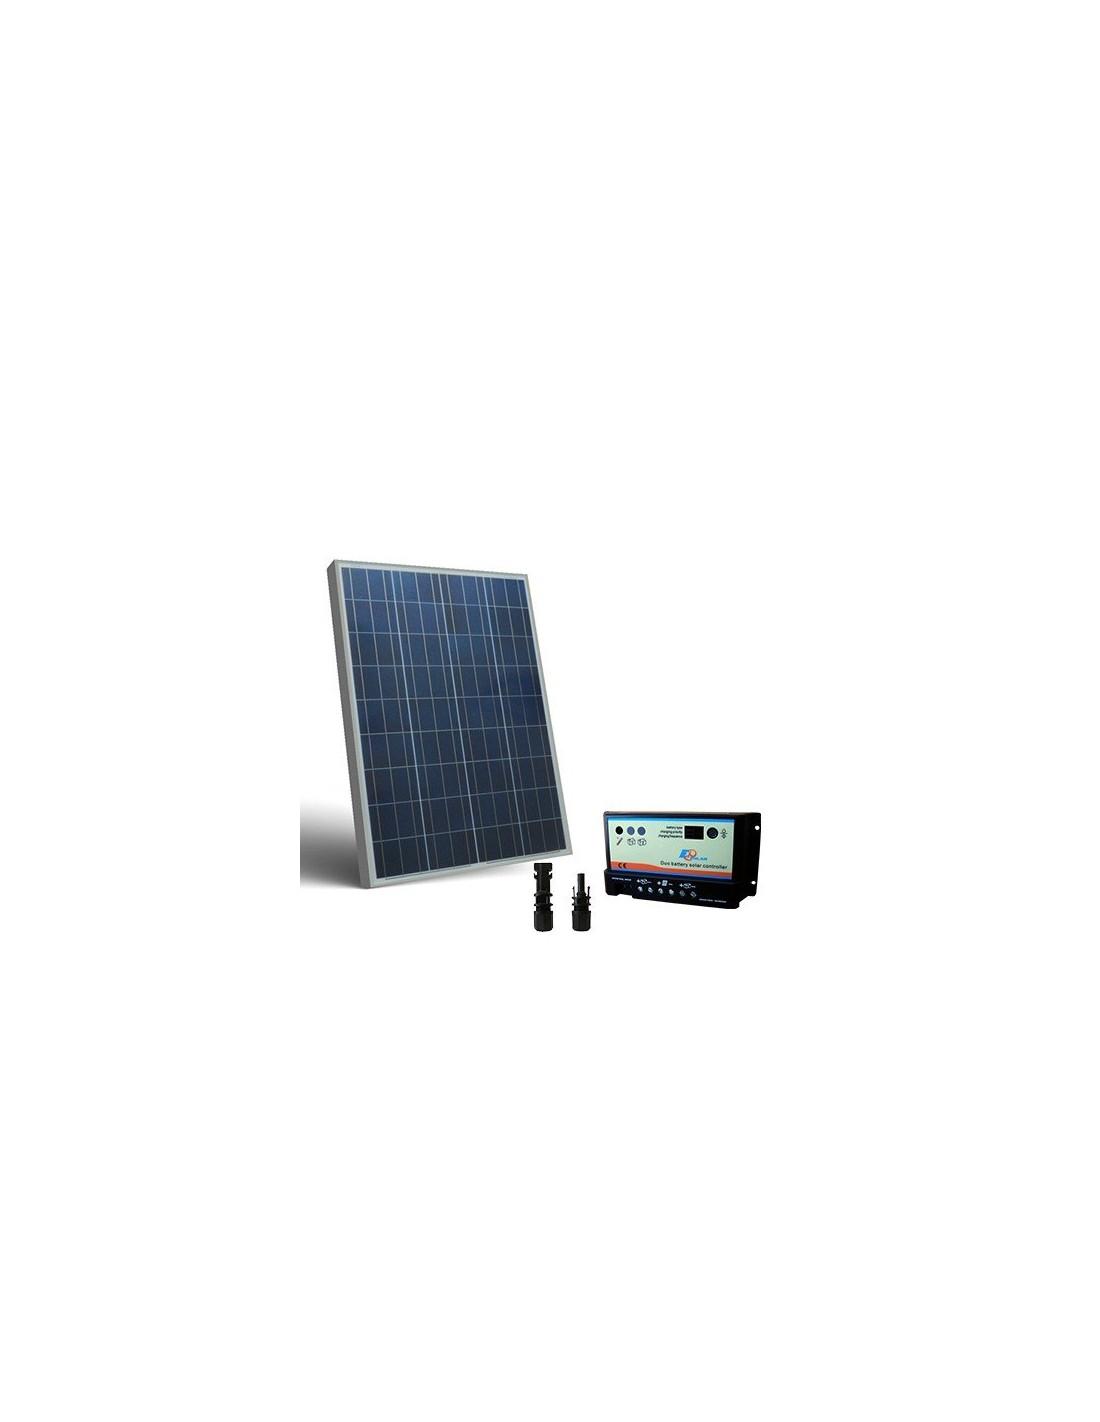 Kit Pannello Solare 100w : Kit solare camper w v pannello fotovoltaico regolatore